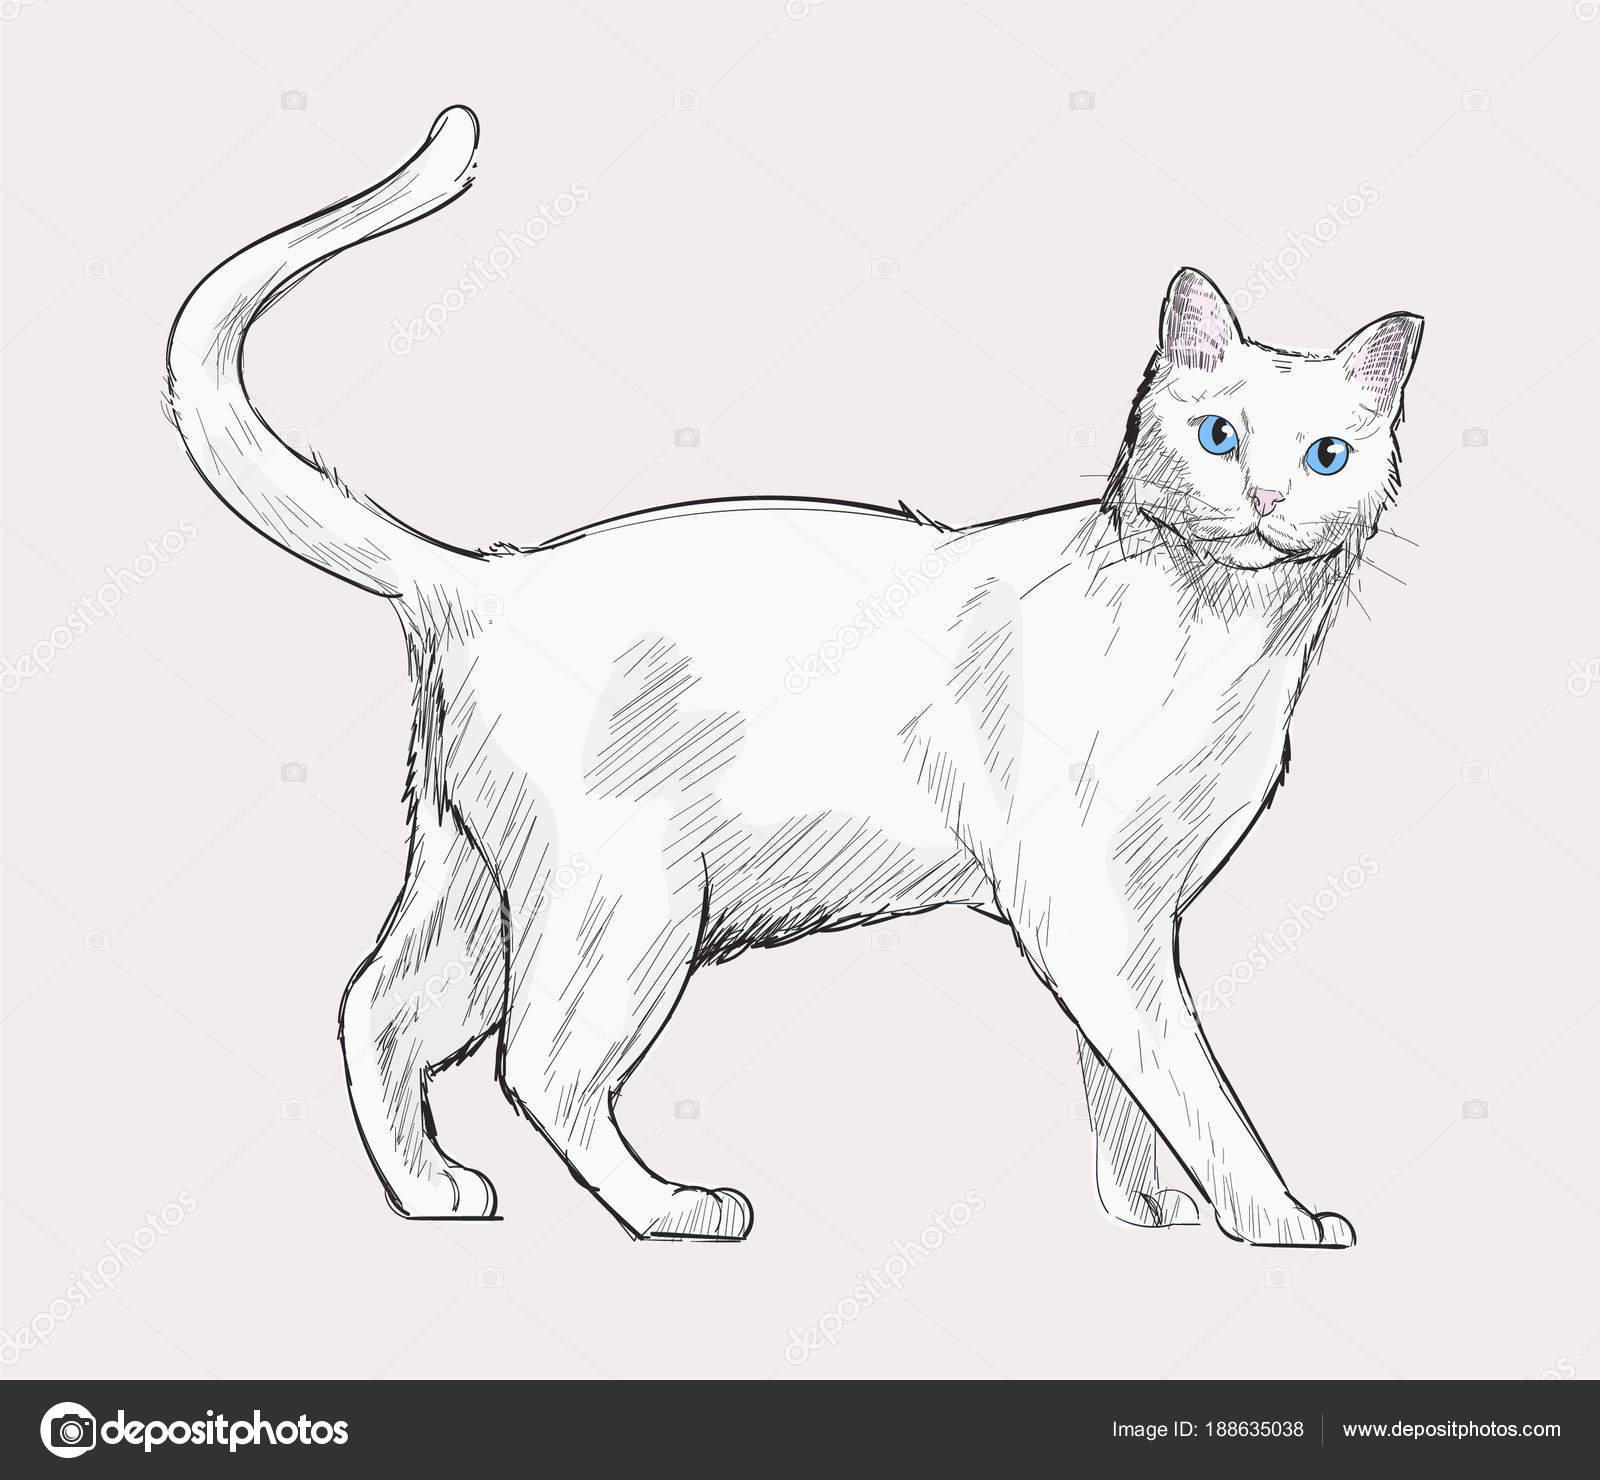 Stile Disegno Illustrazione Del Gatto Foto Stock C Rawpixel 188635038